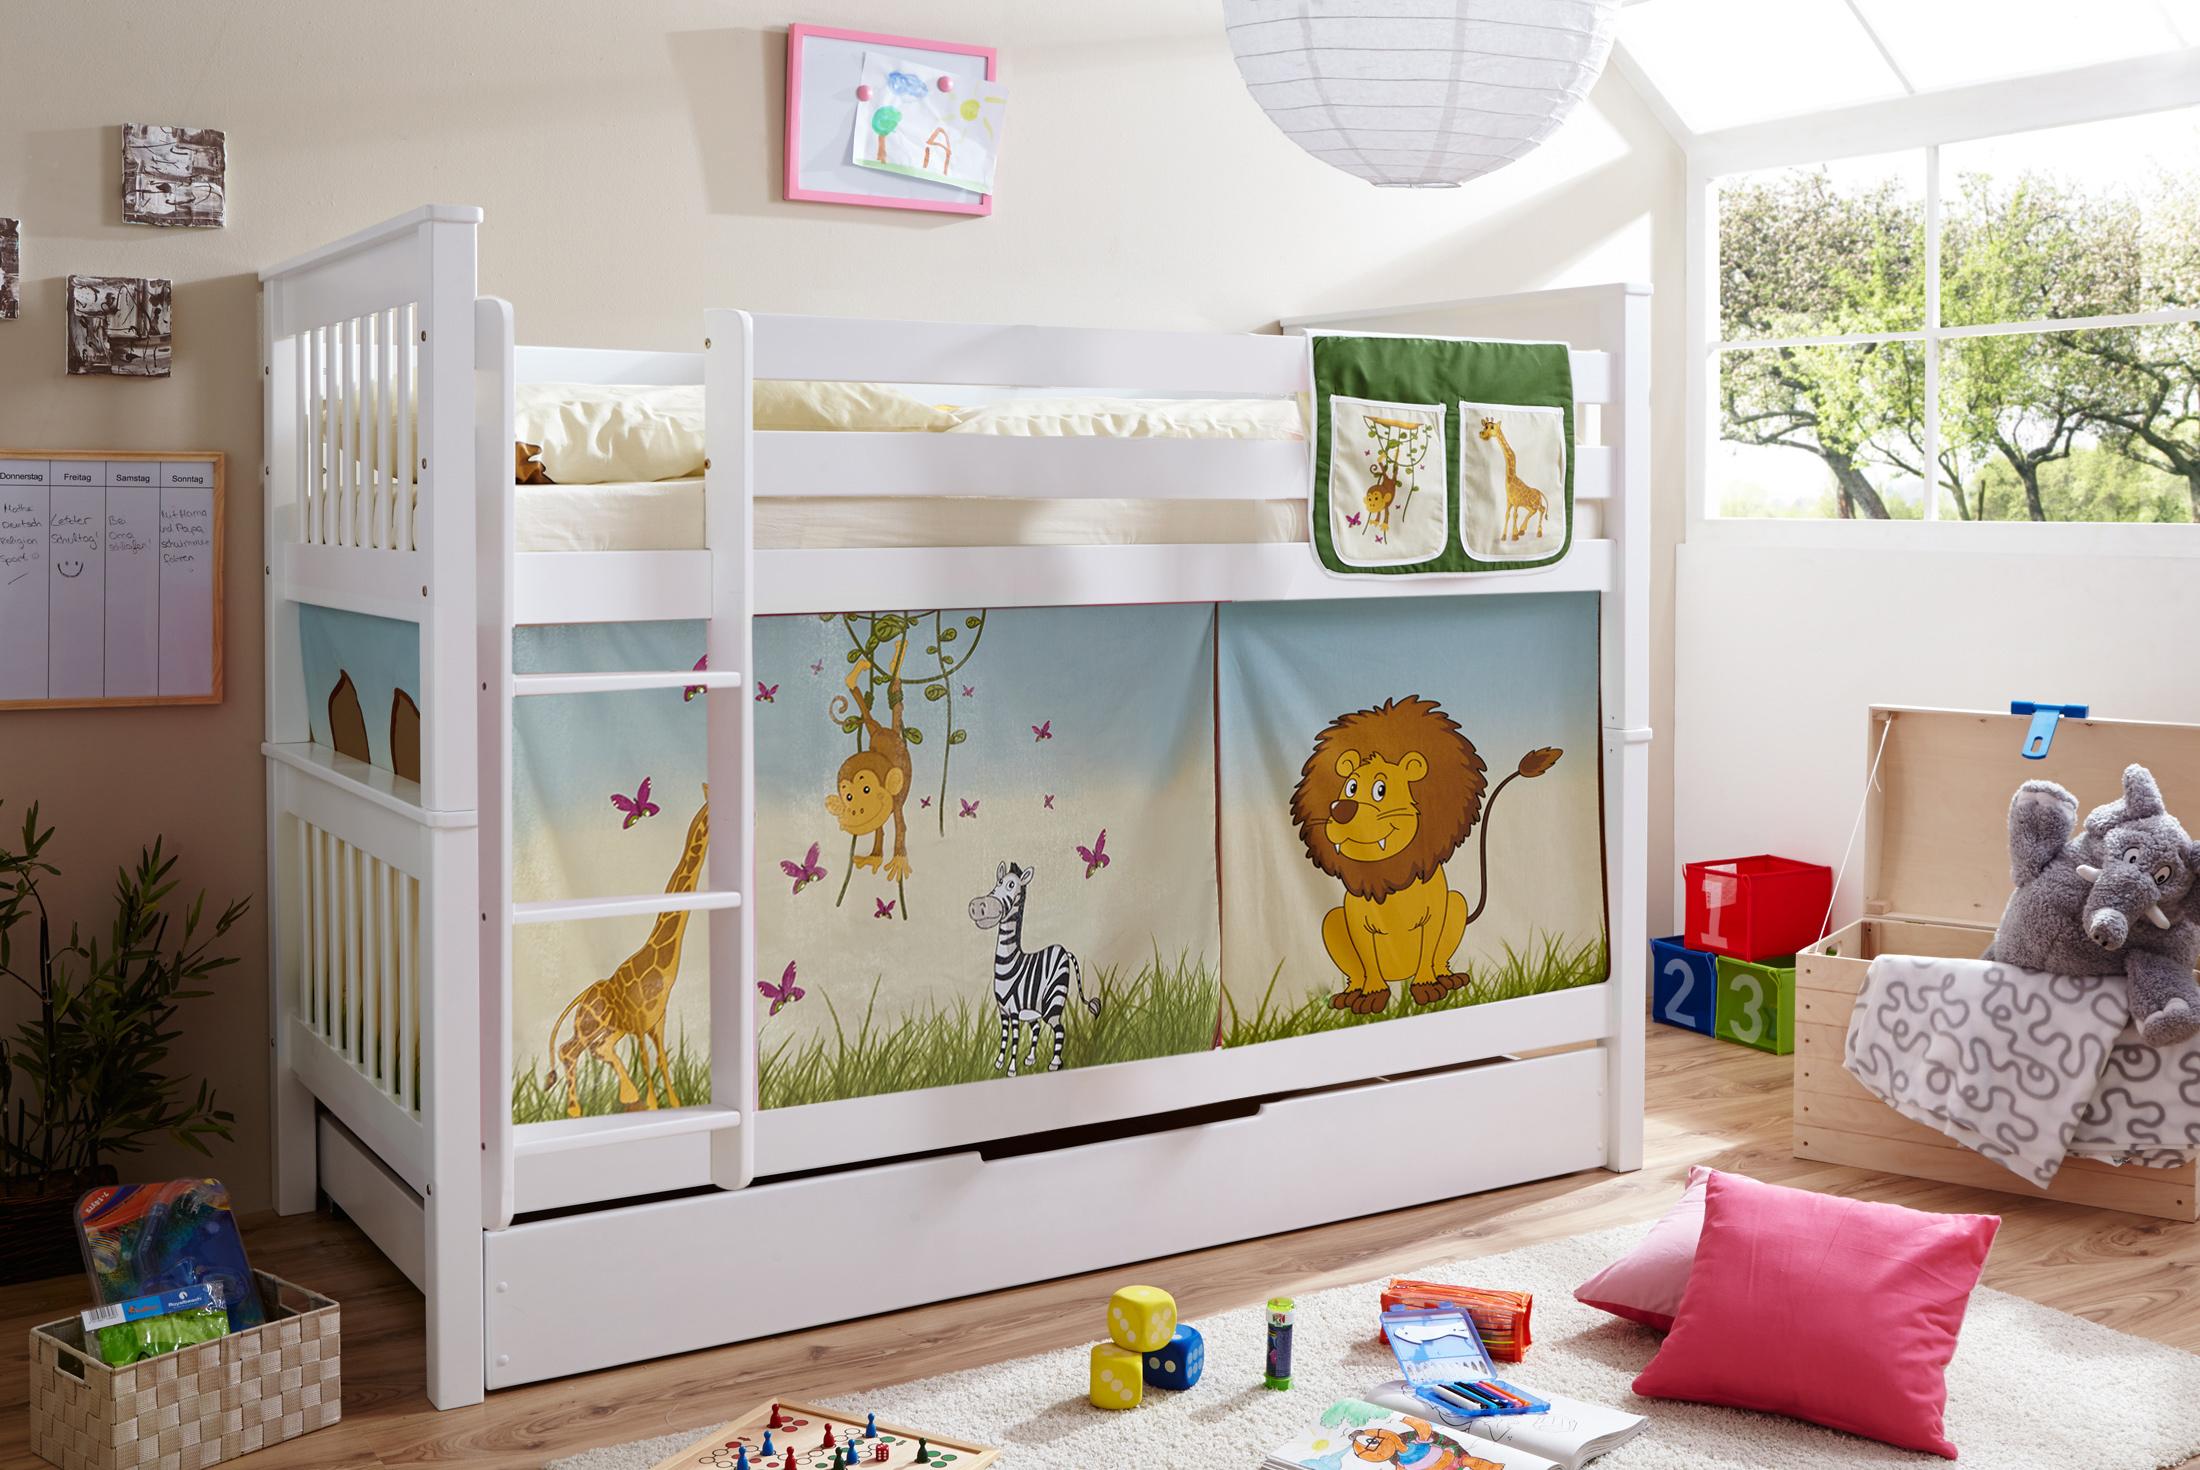 Etagenbett Unten Baby : Weisses etagenbett im kinderzimmer kinder venbuca in